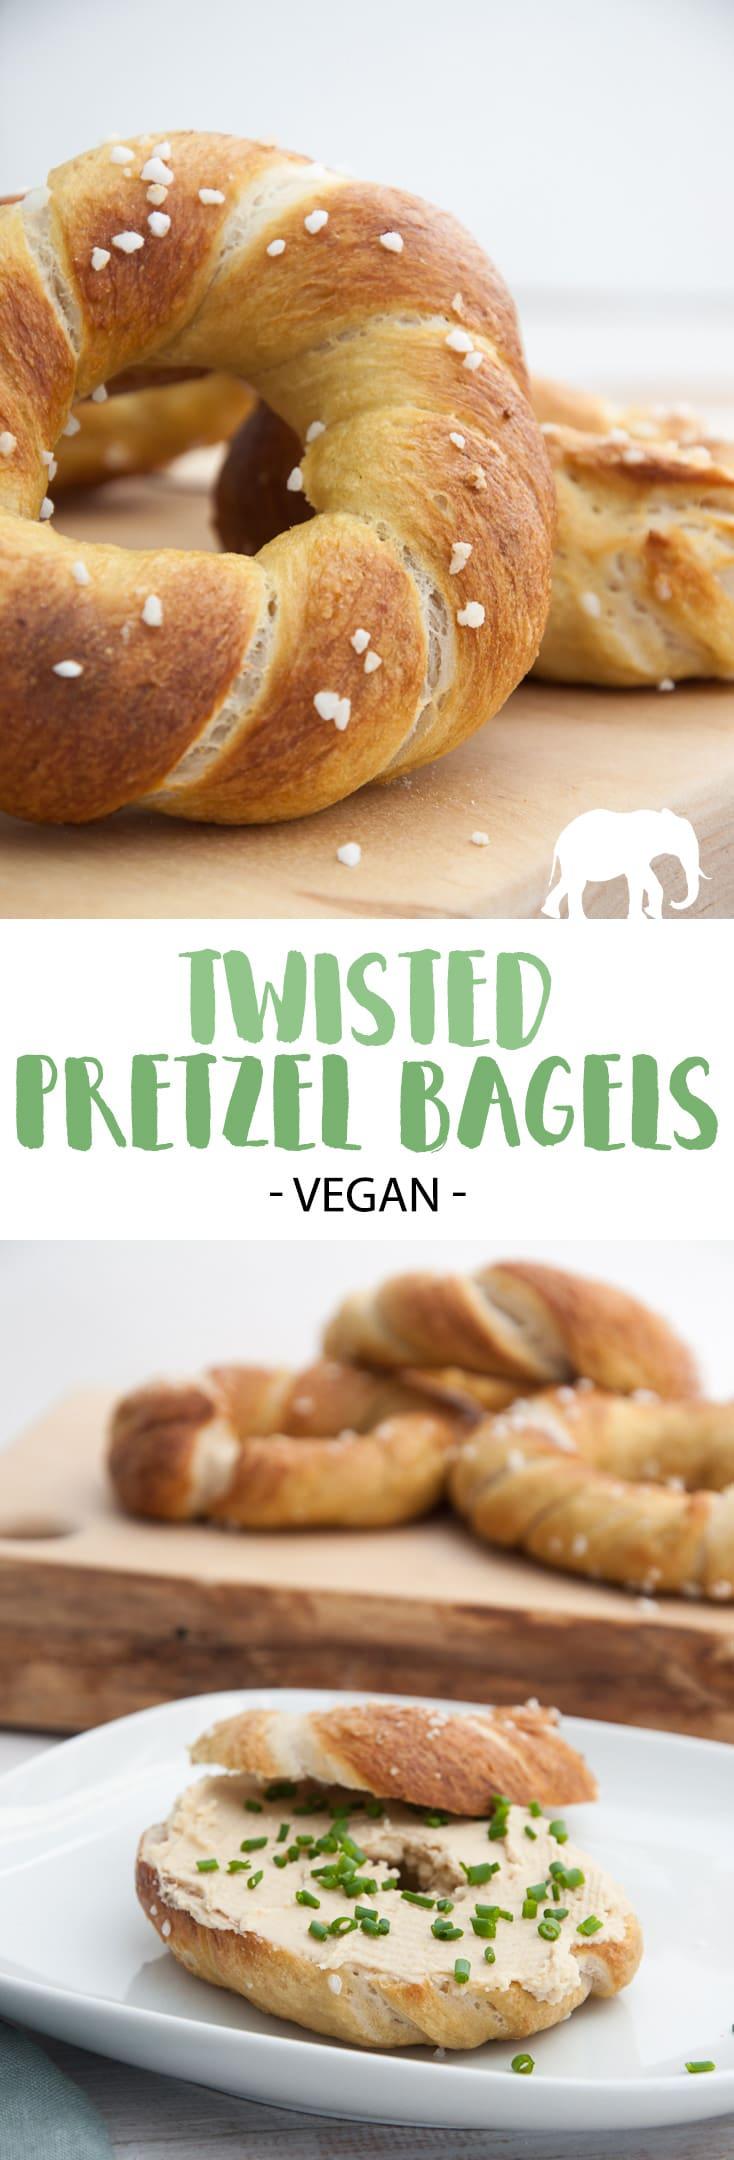 Twisted Pretzel Bagels (vegan) #pretzel #bagels #bread